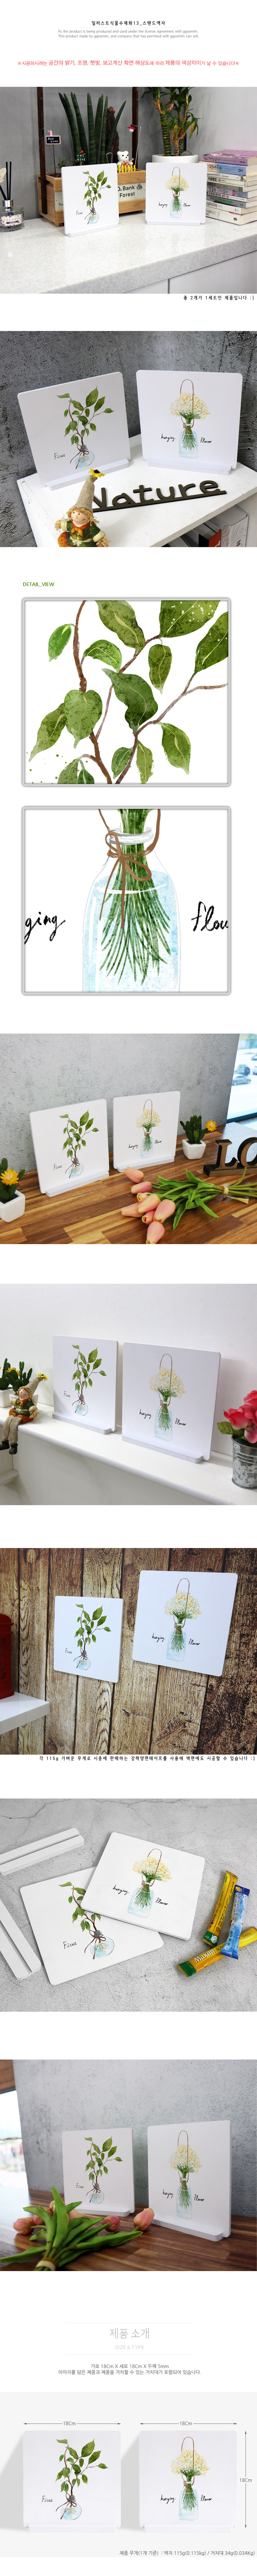 스탠드액자2P_일러스트식물수채화13 - 꾸밈, 12,800원, 홈갤러리, 사진아트